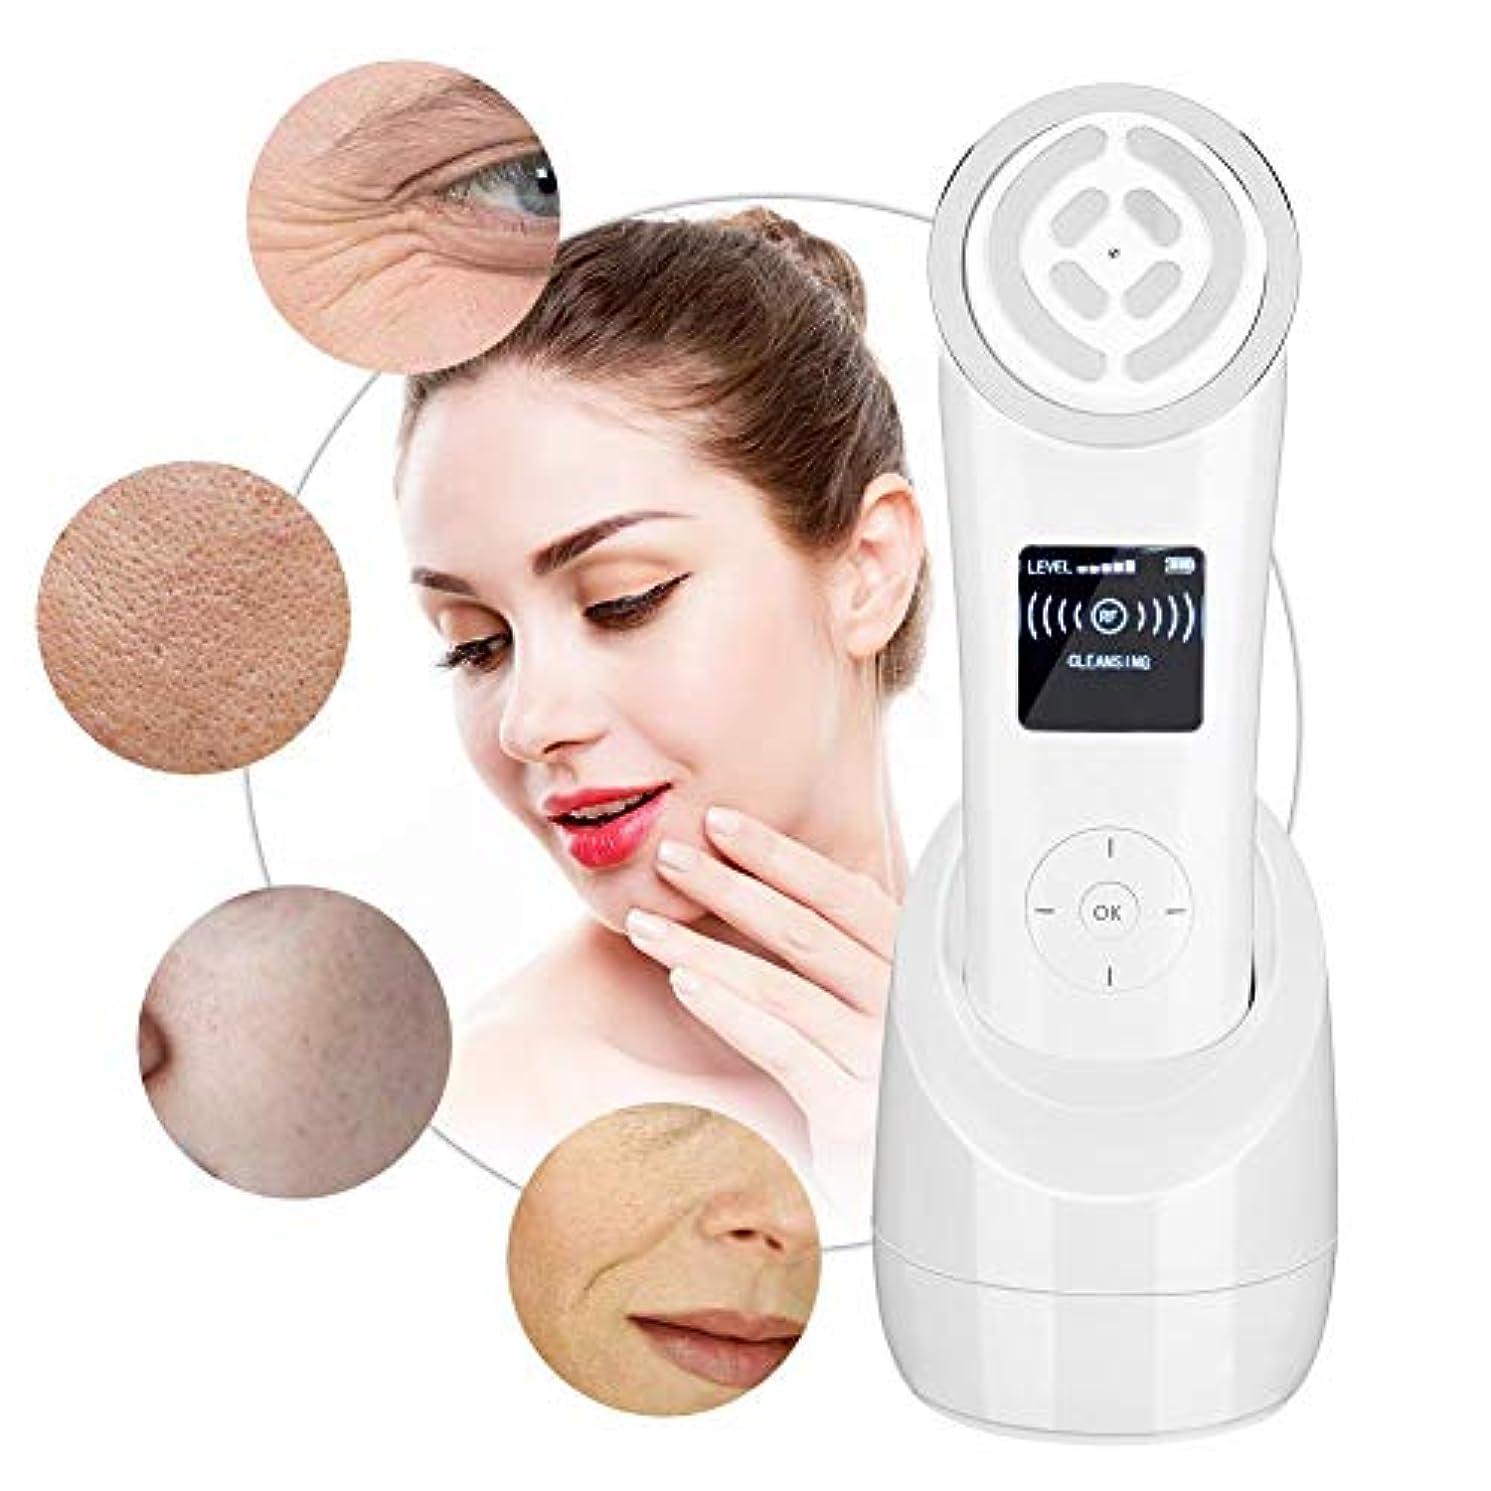 微妙変更おなじみの顔の美しさのマシン - RF周波数アンチエイジングアンチリンクル、肌の若返り楽器 - ポータブル若返り肌がEMS筋肉刺激を強化(UE)